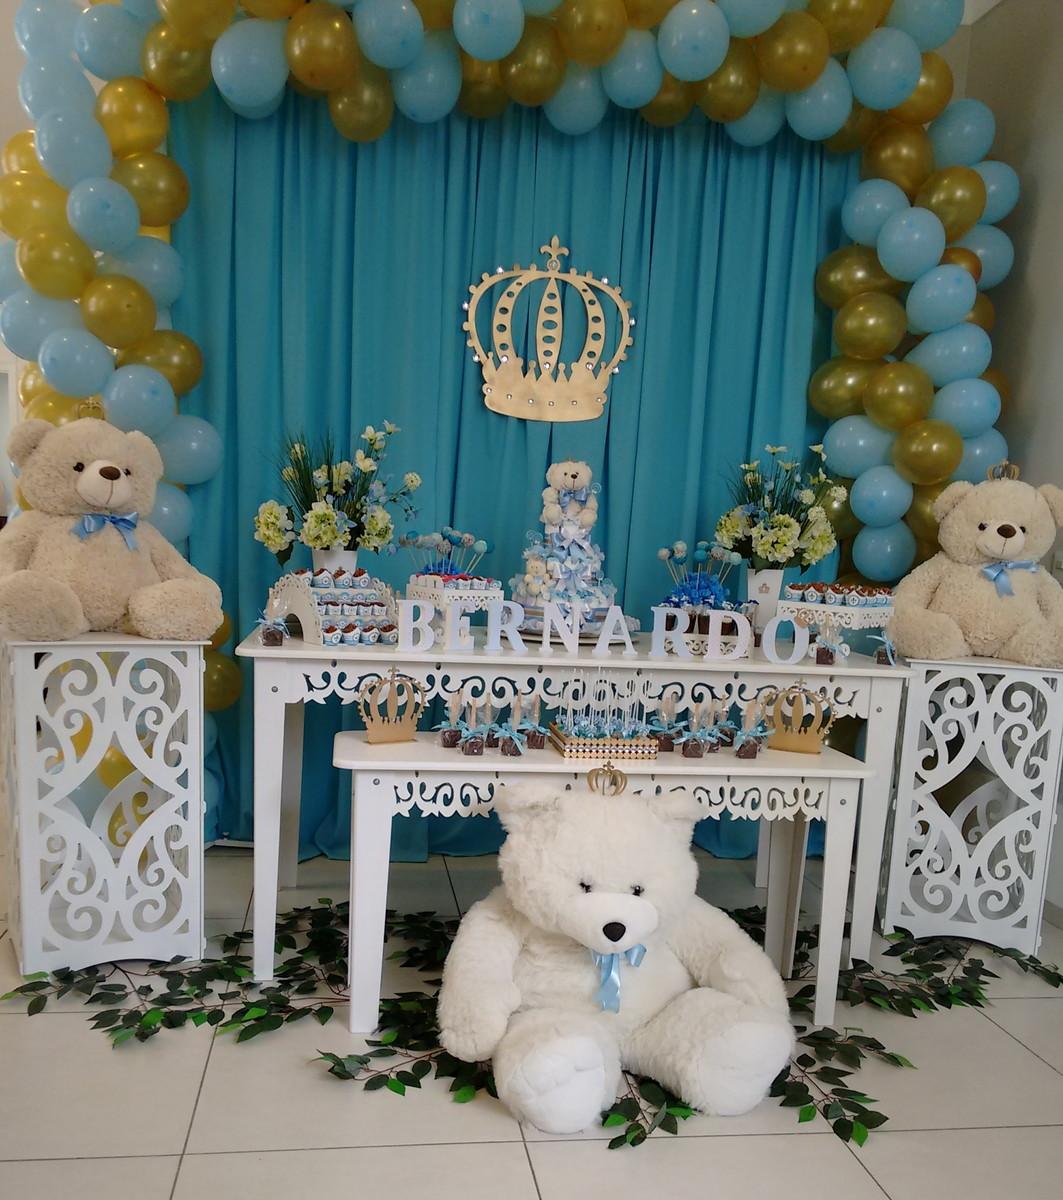 Decoraç u00e3o Chá de Beb u00ea no Elo7 Juliana Arte em Familia Decorações (5EFE83) -> Decoração Cha De Bebe Tema Urso